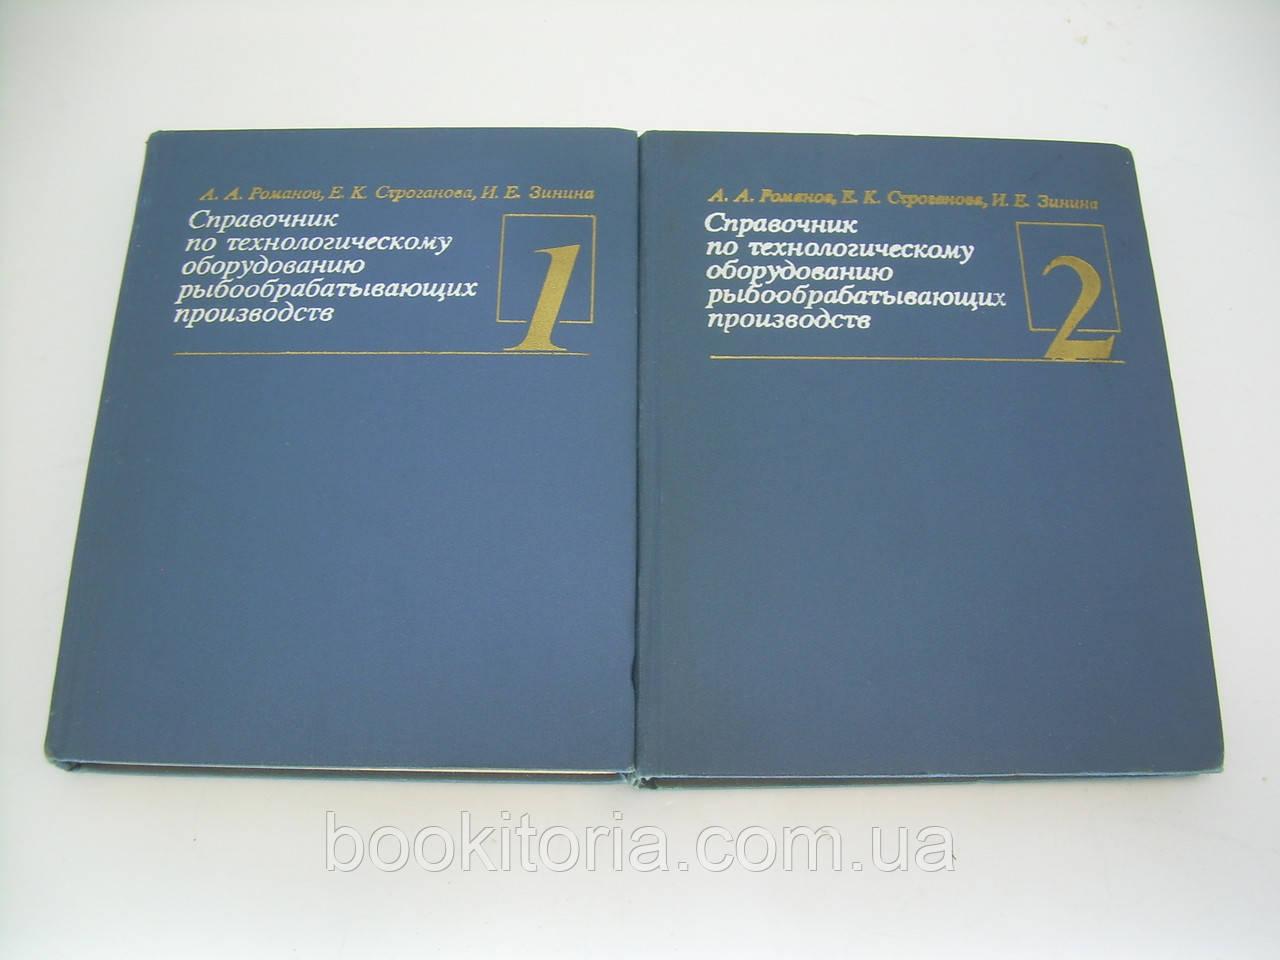 Романов А. А. и др. Справочник по технологическому оборудованию рыбообрабатывающих производств (б/у)